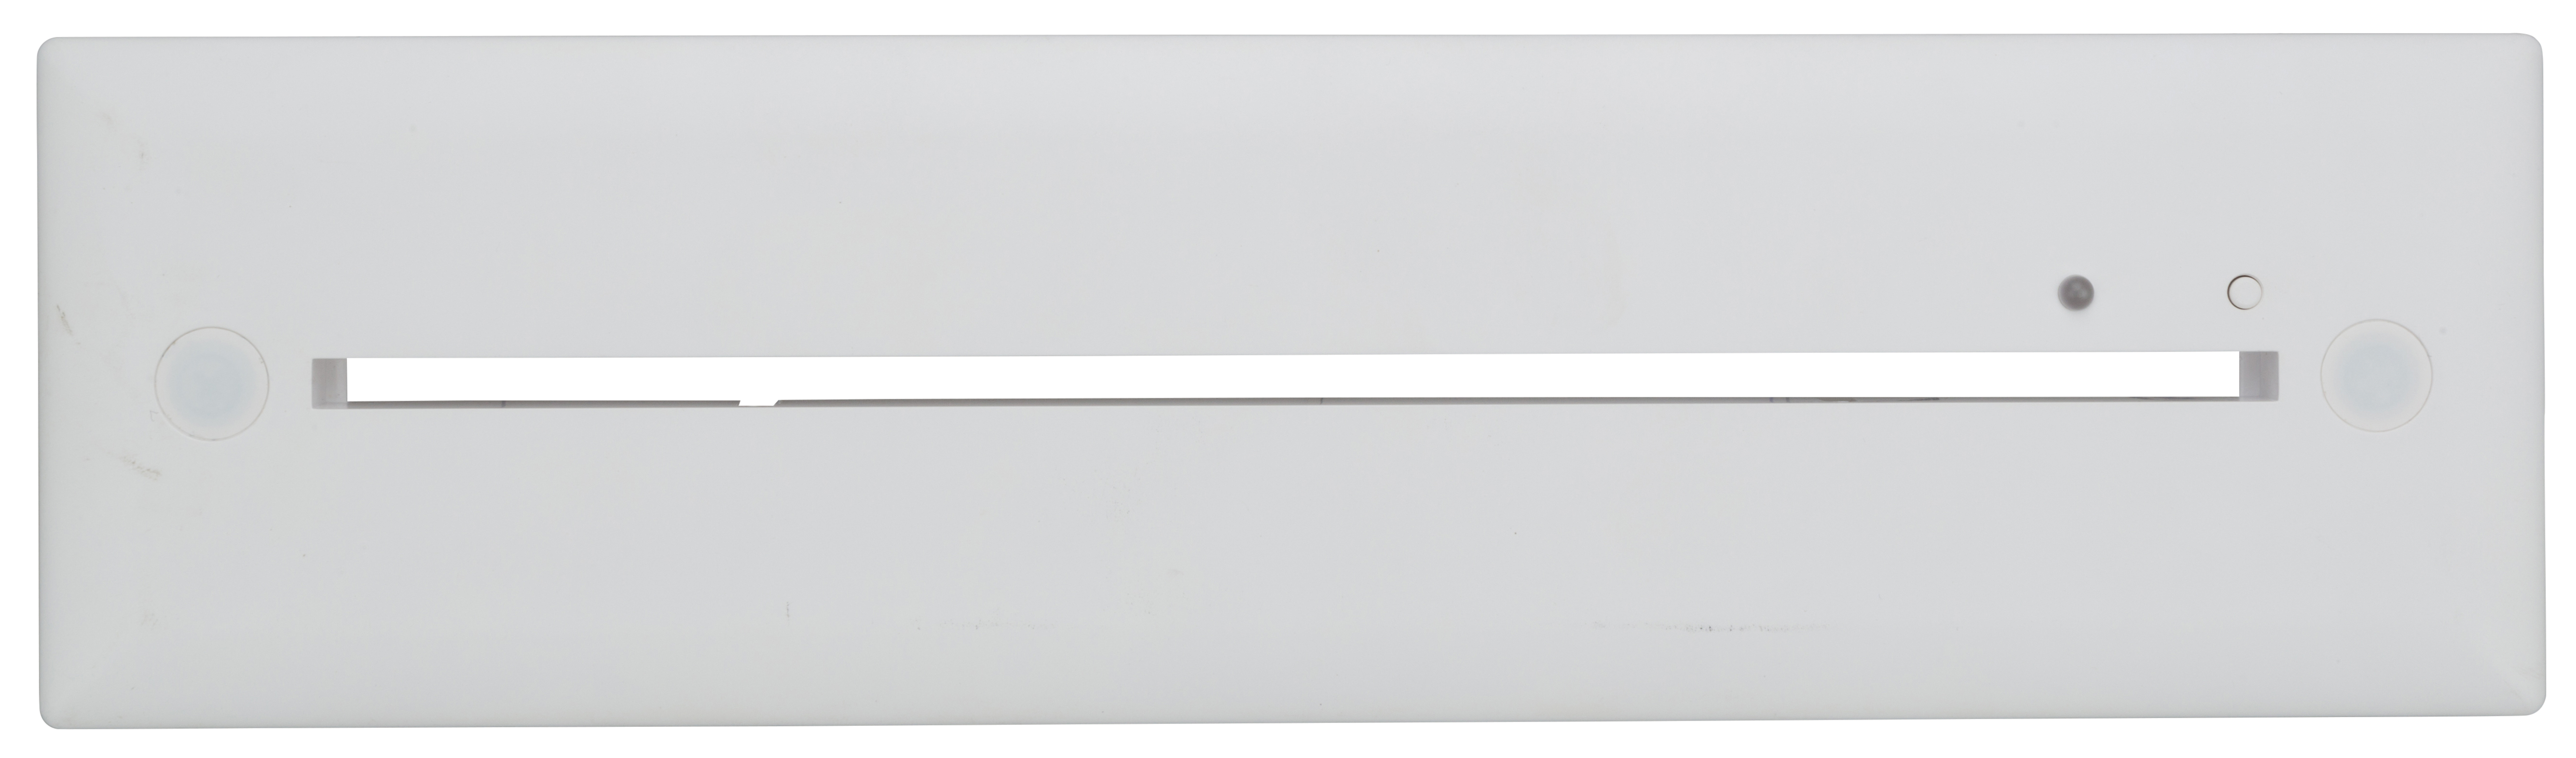 1 Stk Einbaurahmen weiß für Notleuchten Design K2 NLK2E-----